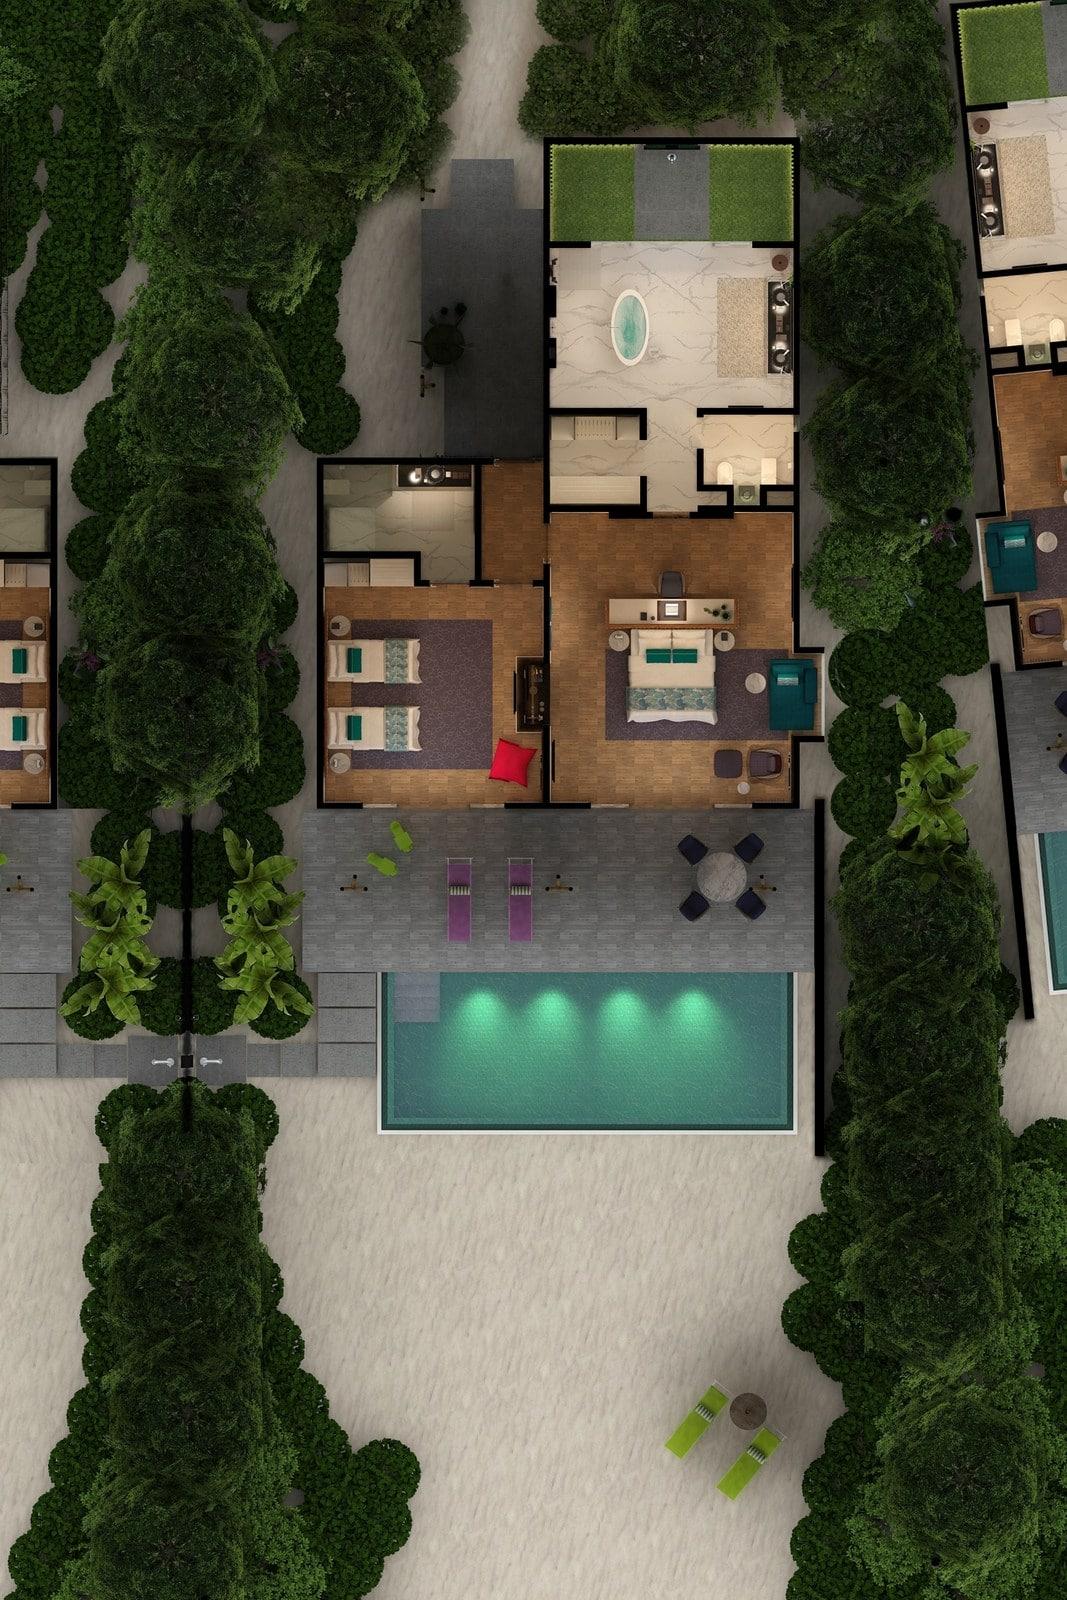 Мальдивы, отель Emerald Maldives Resort & Spa, план-схема номера Family Beach Villa with Pool